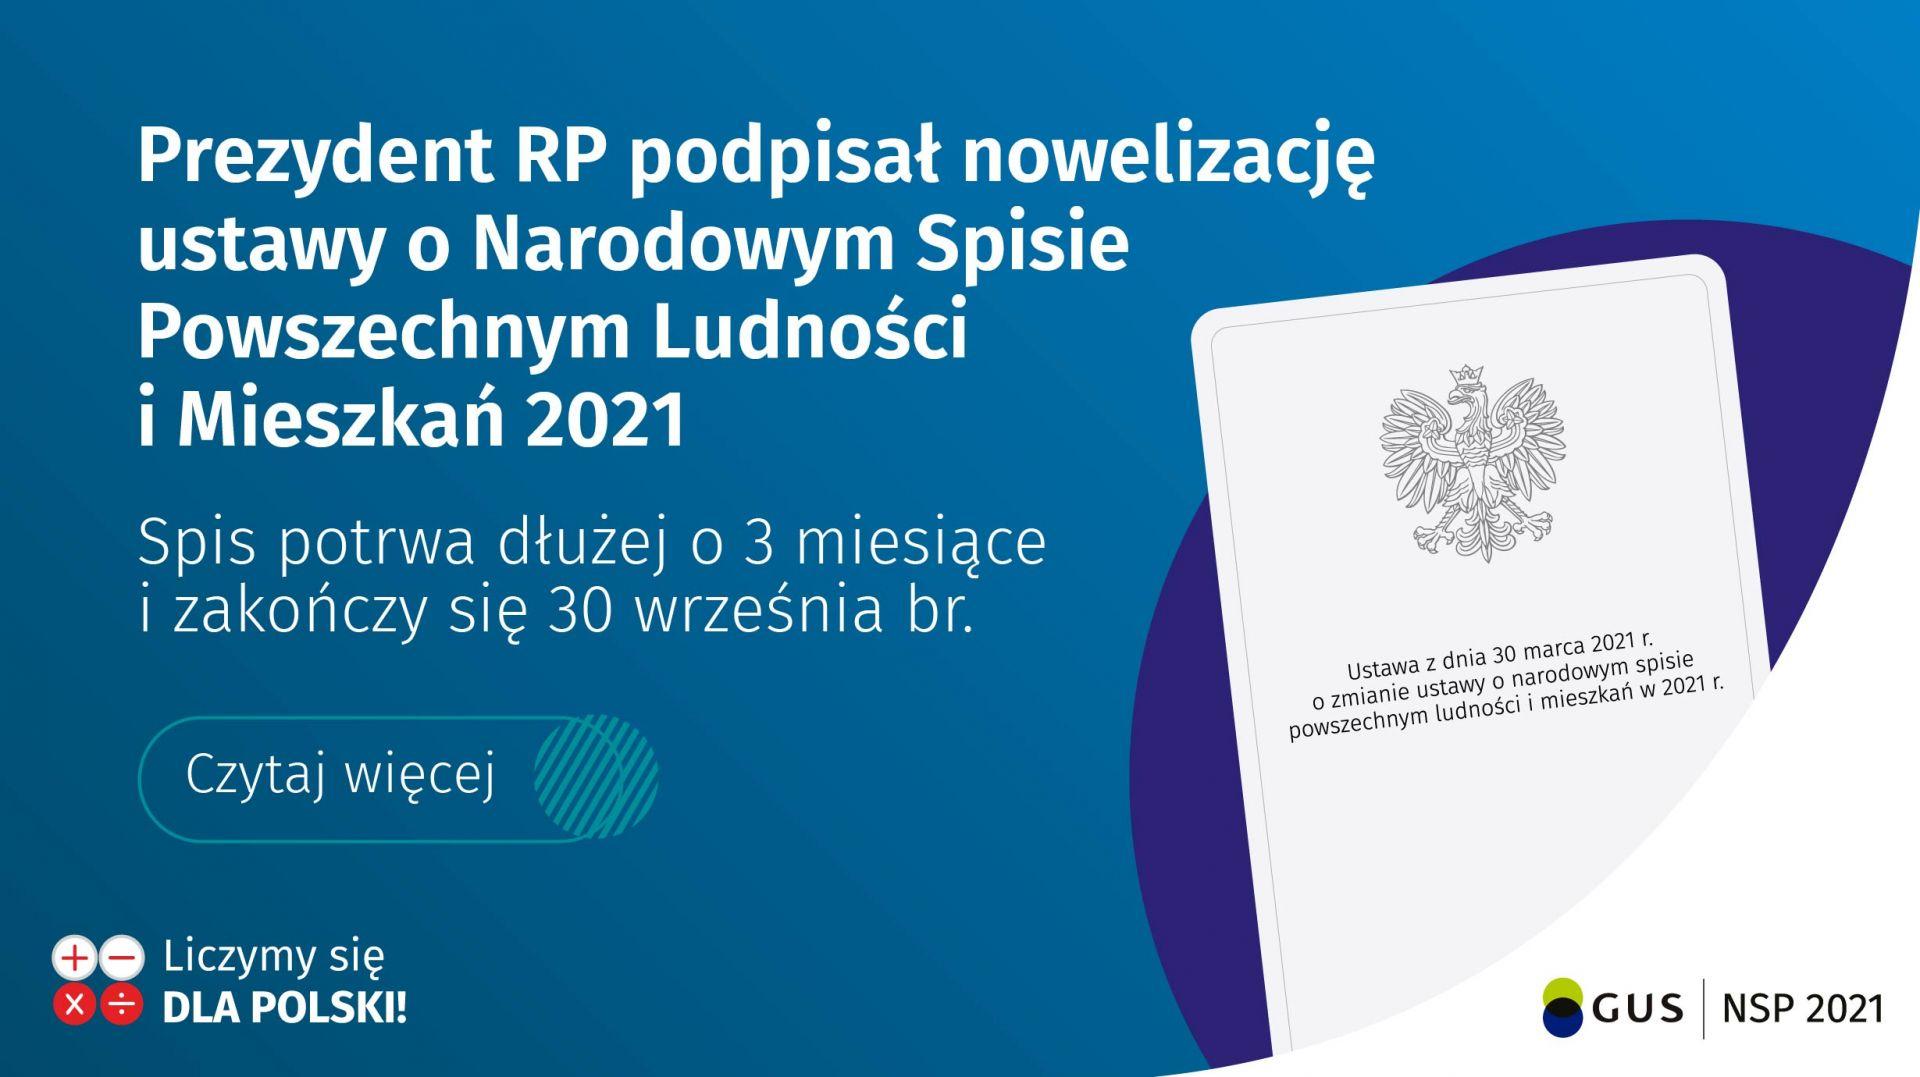 informacja o nowelizacji ustawy o narodowym spisie powszechnym